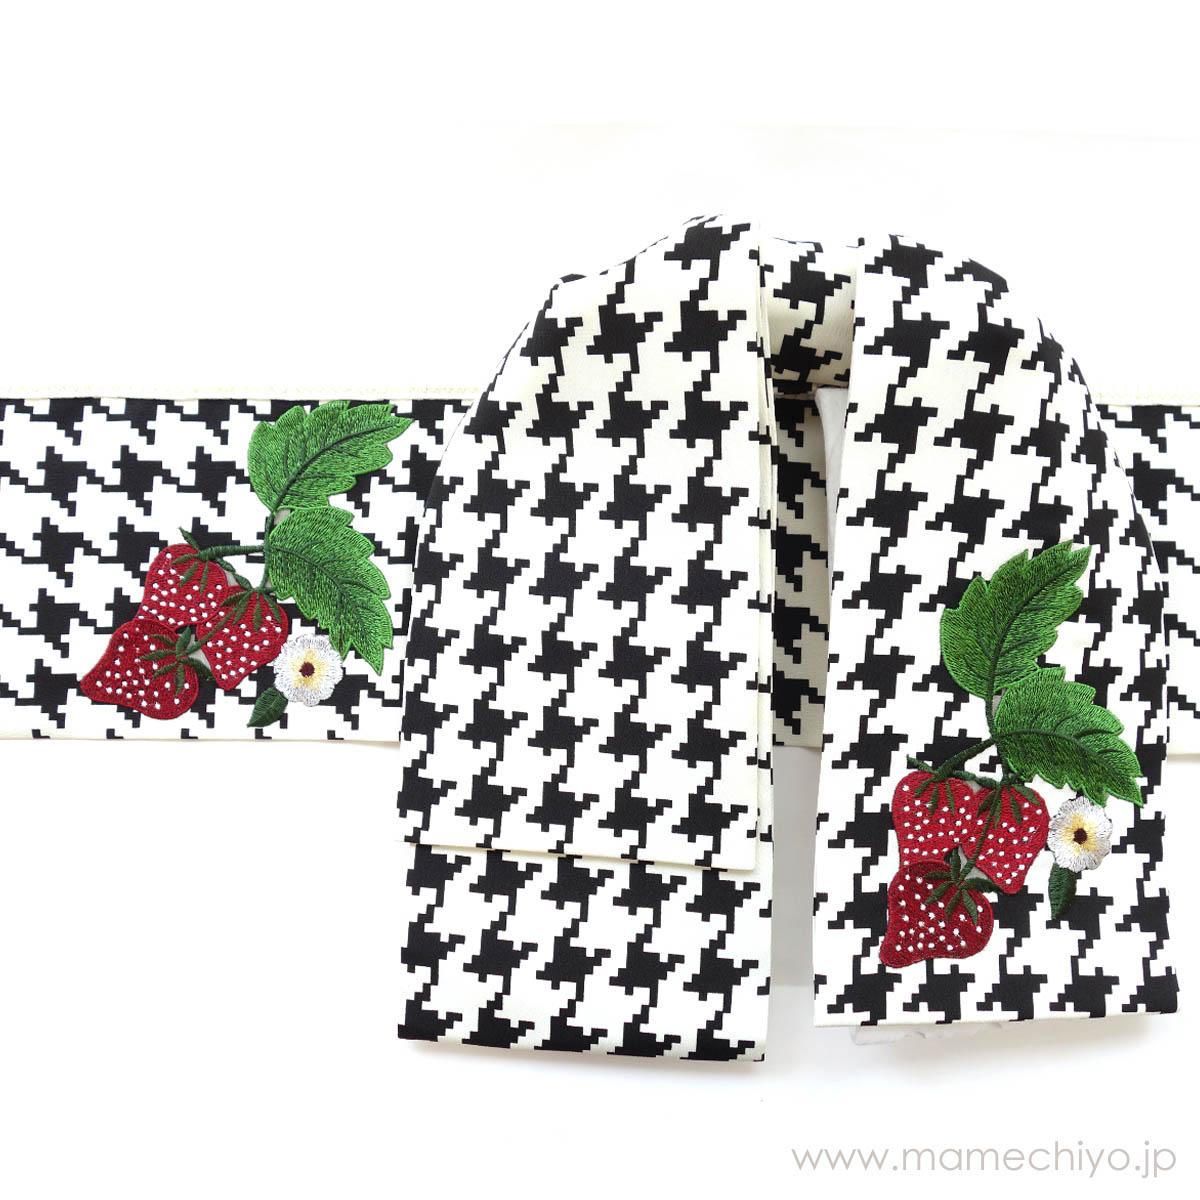 作り帯 mamechiyo modern Couture 「千鳥」